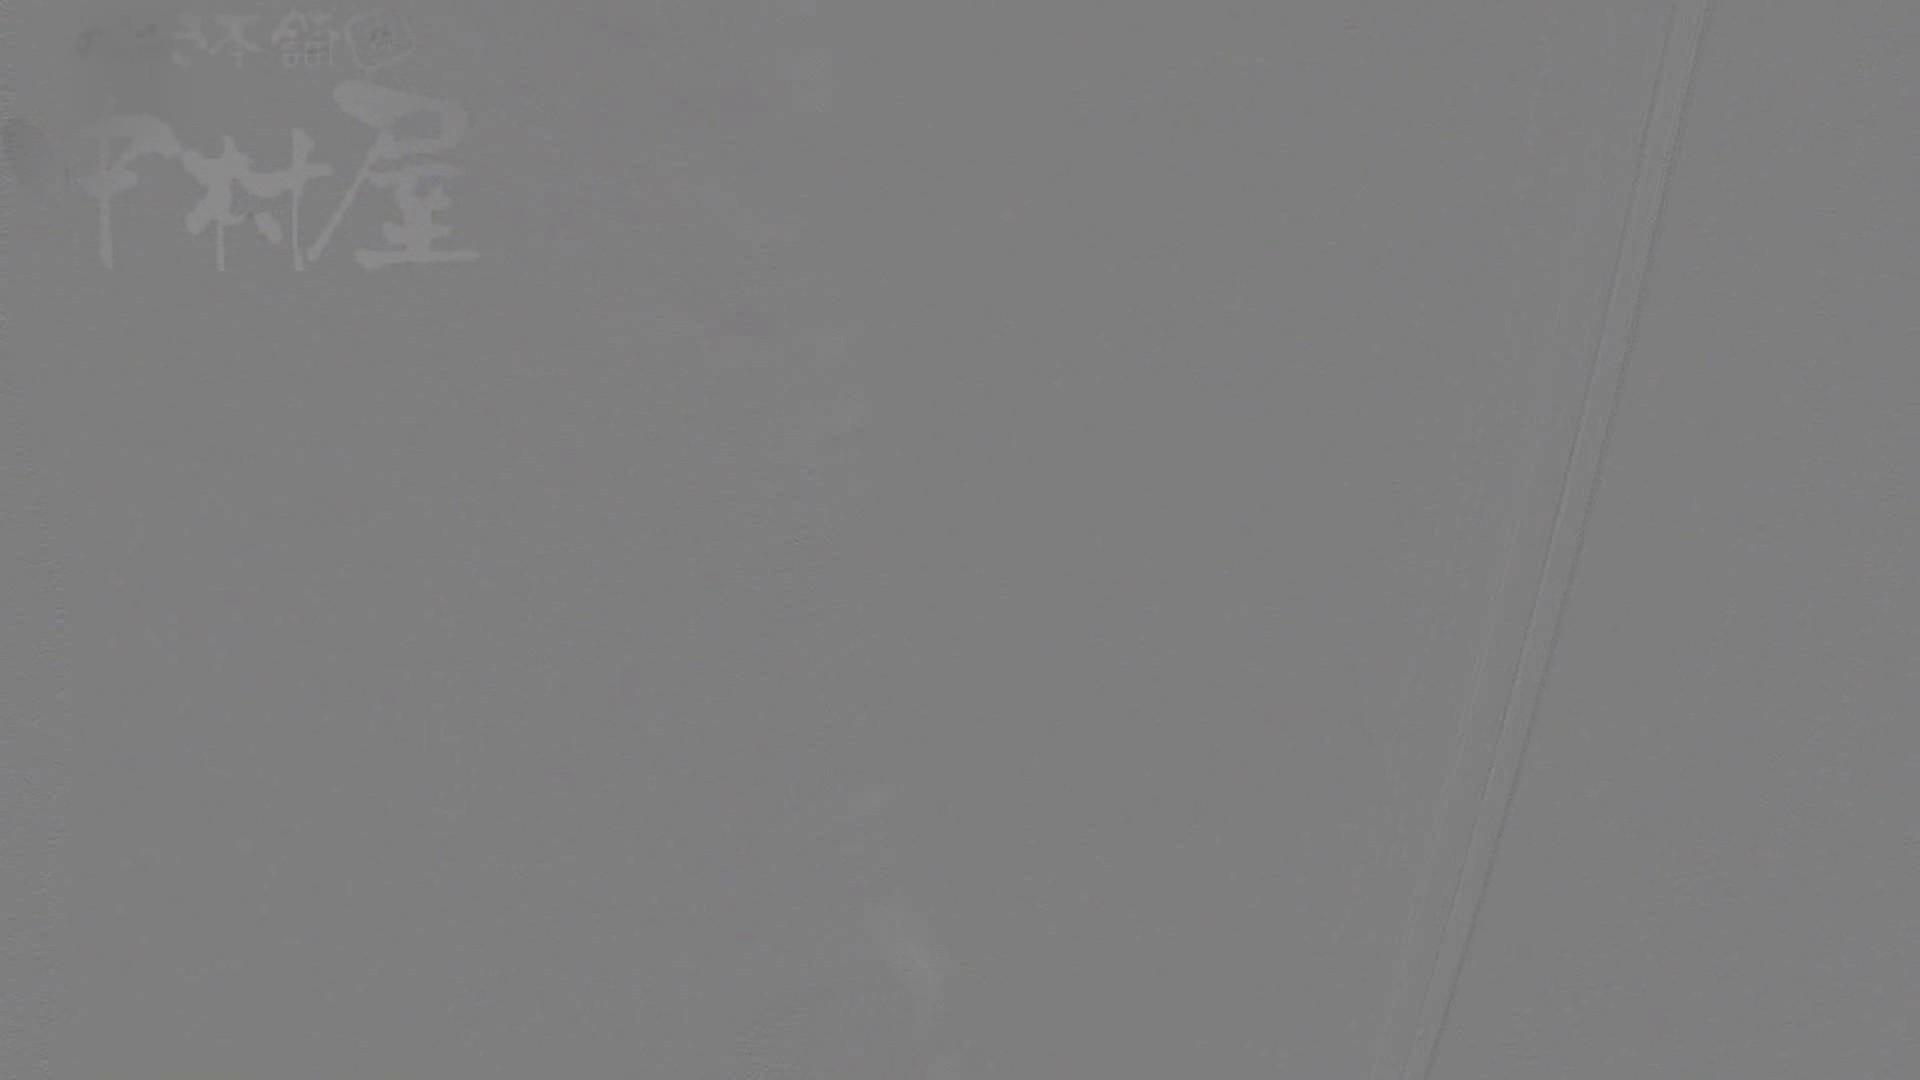 美しい日本の未来 No.17 番外編 ※※※閲覧注意※※※ 盗撮 スケベ動画紹介 71枚 34